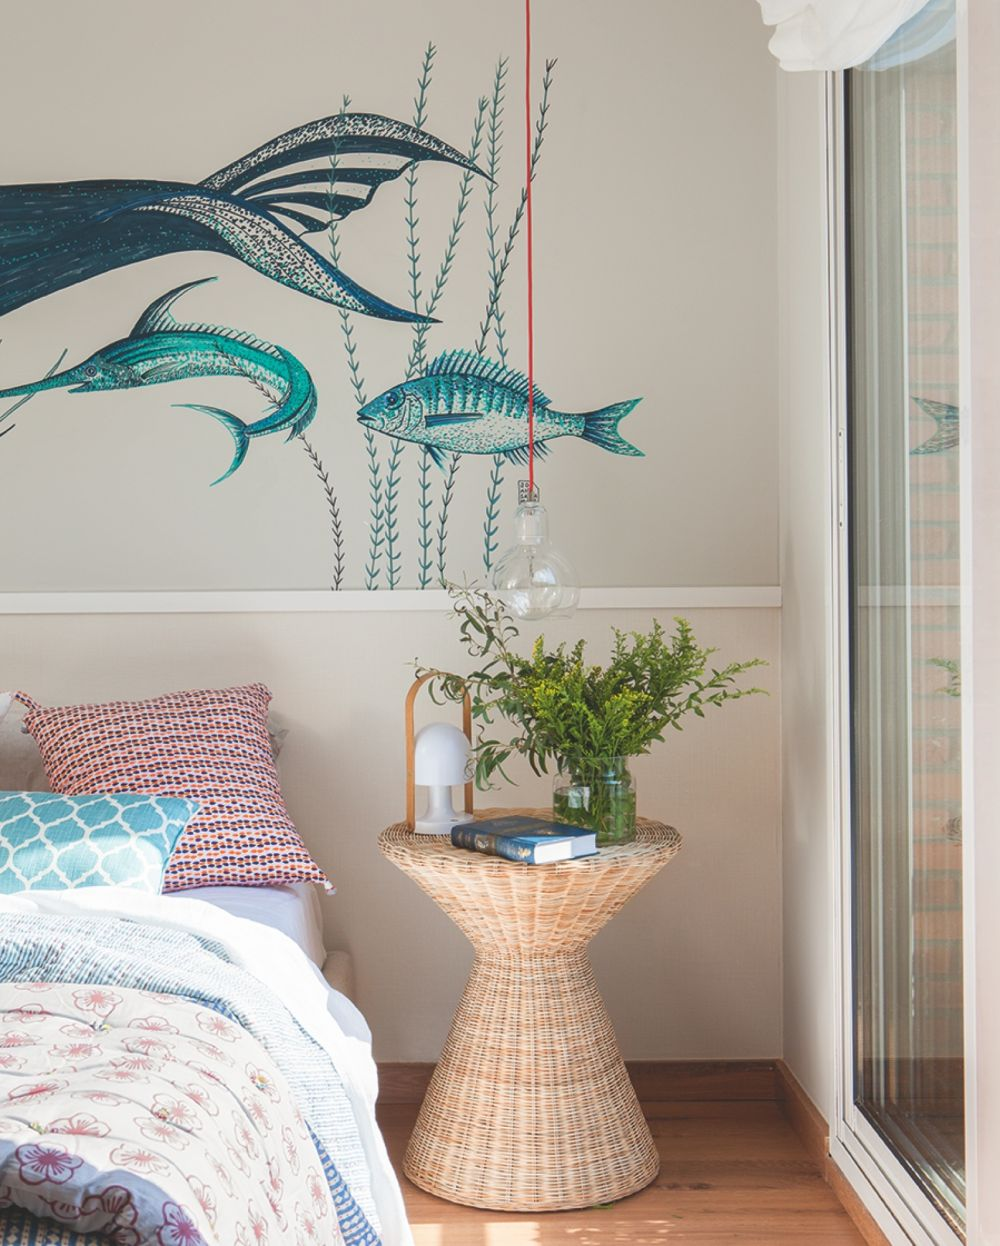 adelaparvu-com-despre-casa-in-stil-mediteranean-barcelona-designer-meritxell-ribe-23